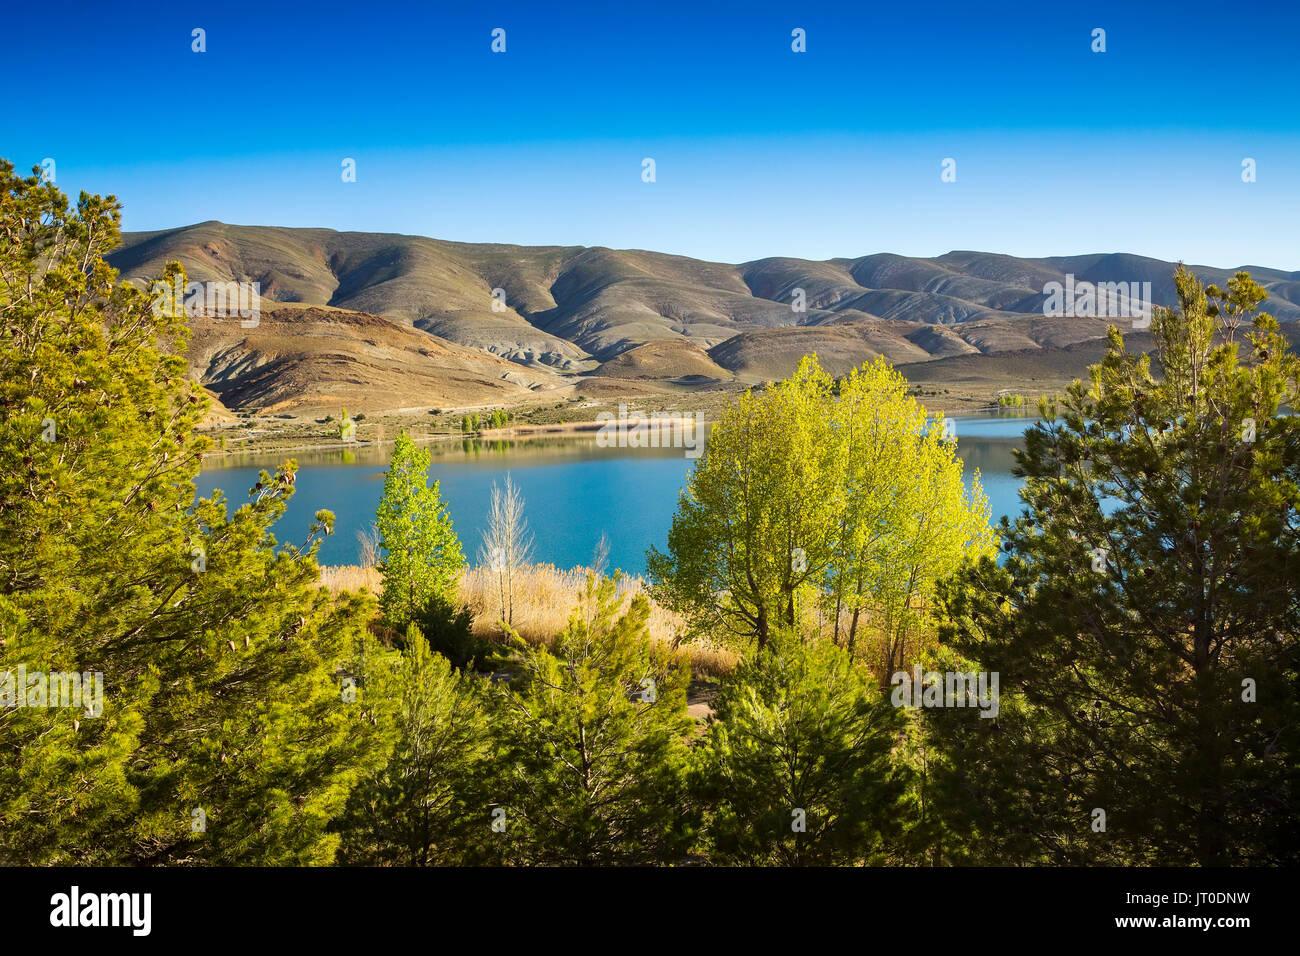 Las aguas azules del lago y vegetación. El Alto Atlas. Marruecos, Magreb, África del Norte Imagen De Stock